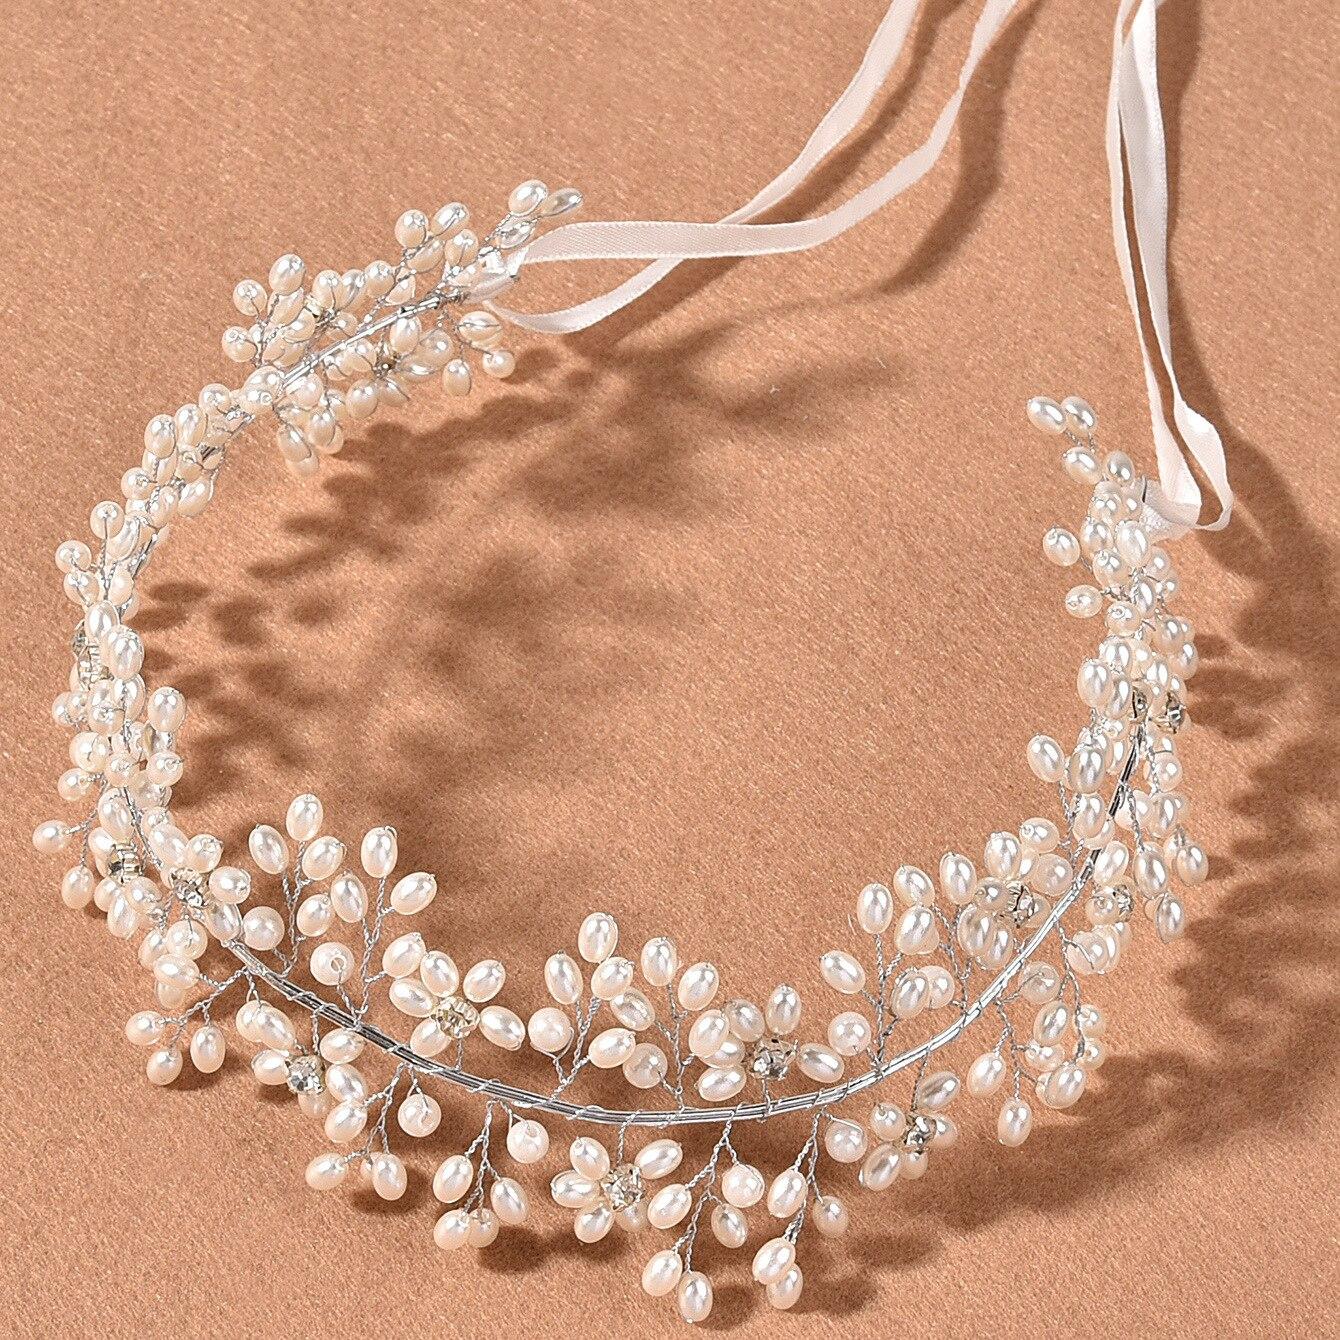 Diadema elegante para mujer, accesorios para el cabello de perlas nupciales, diademas...